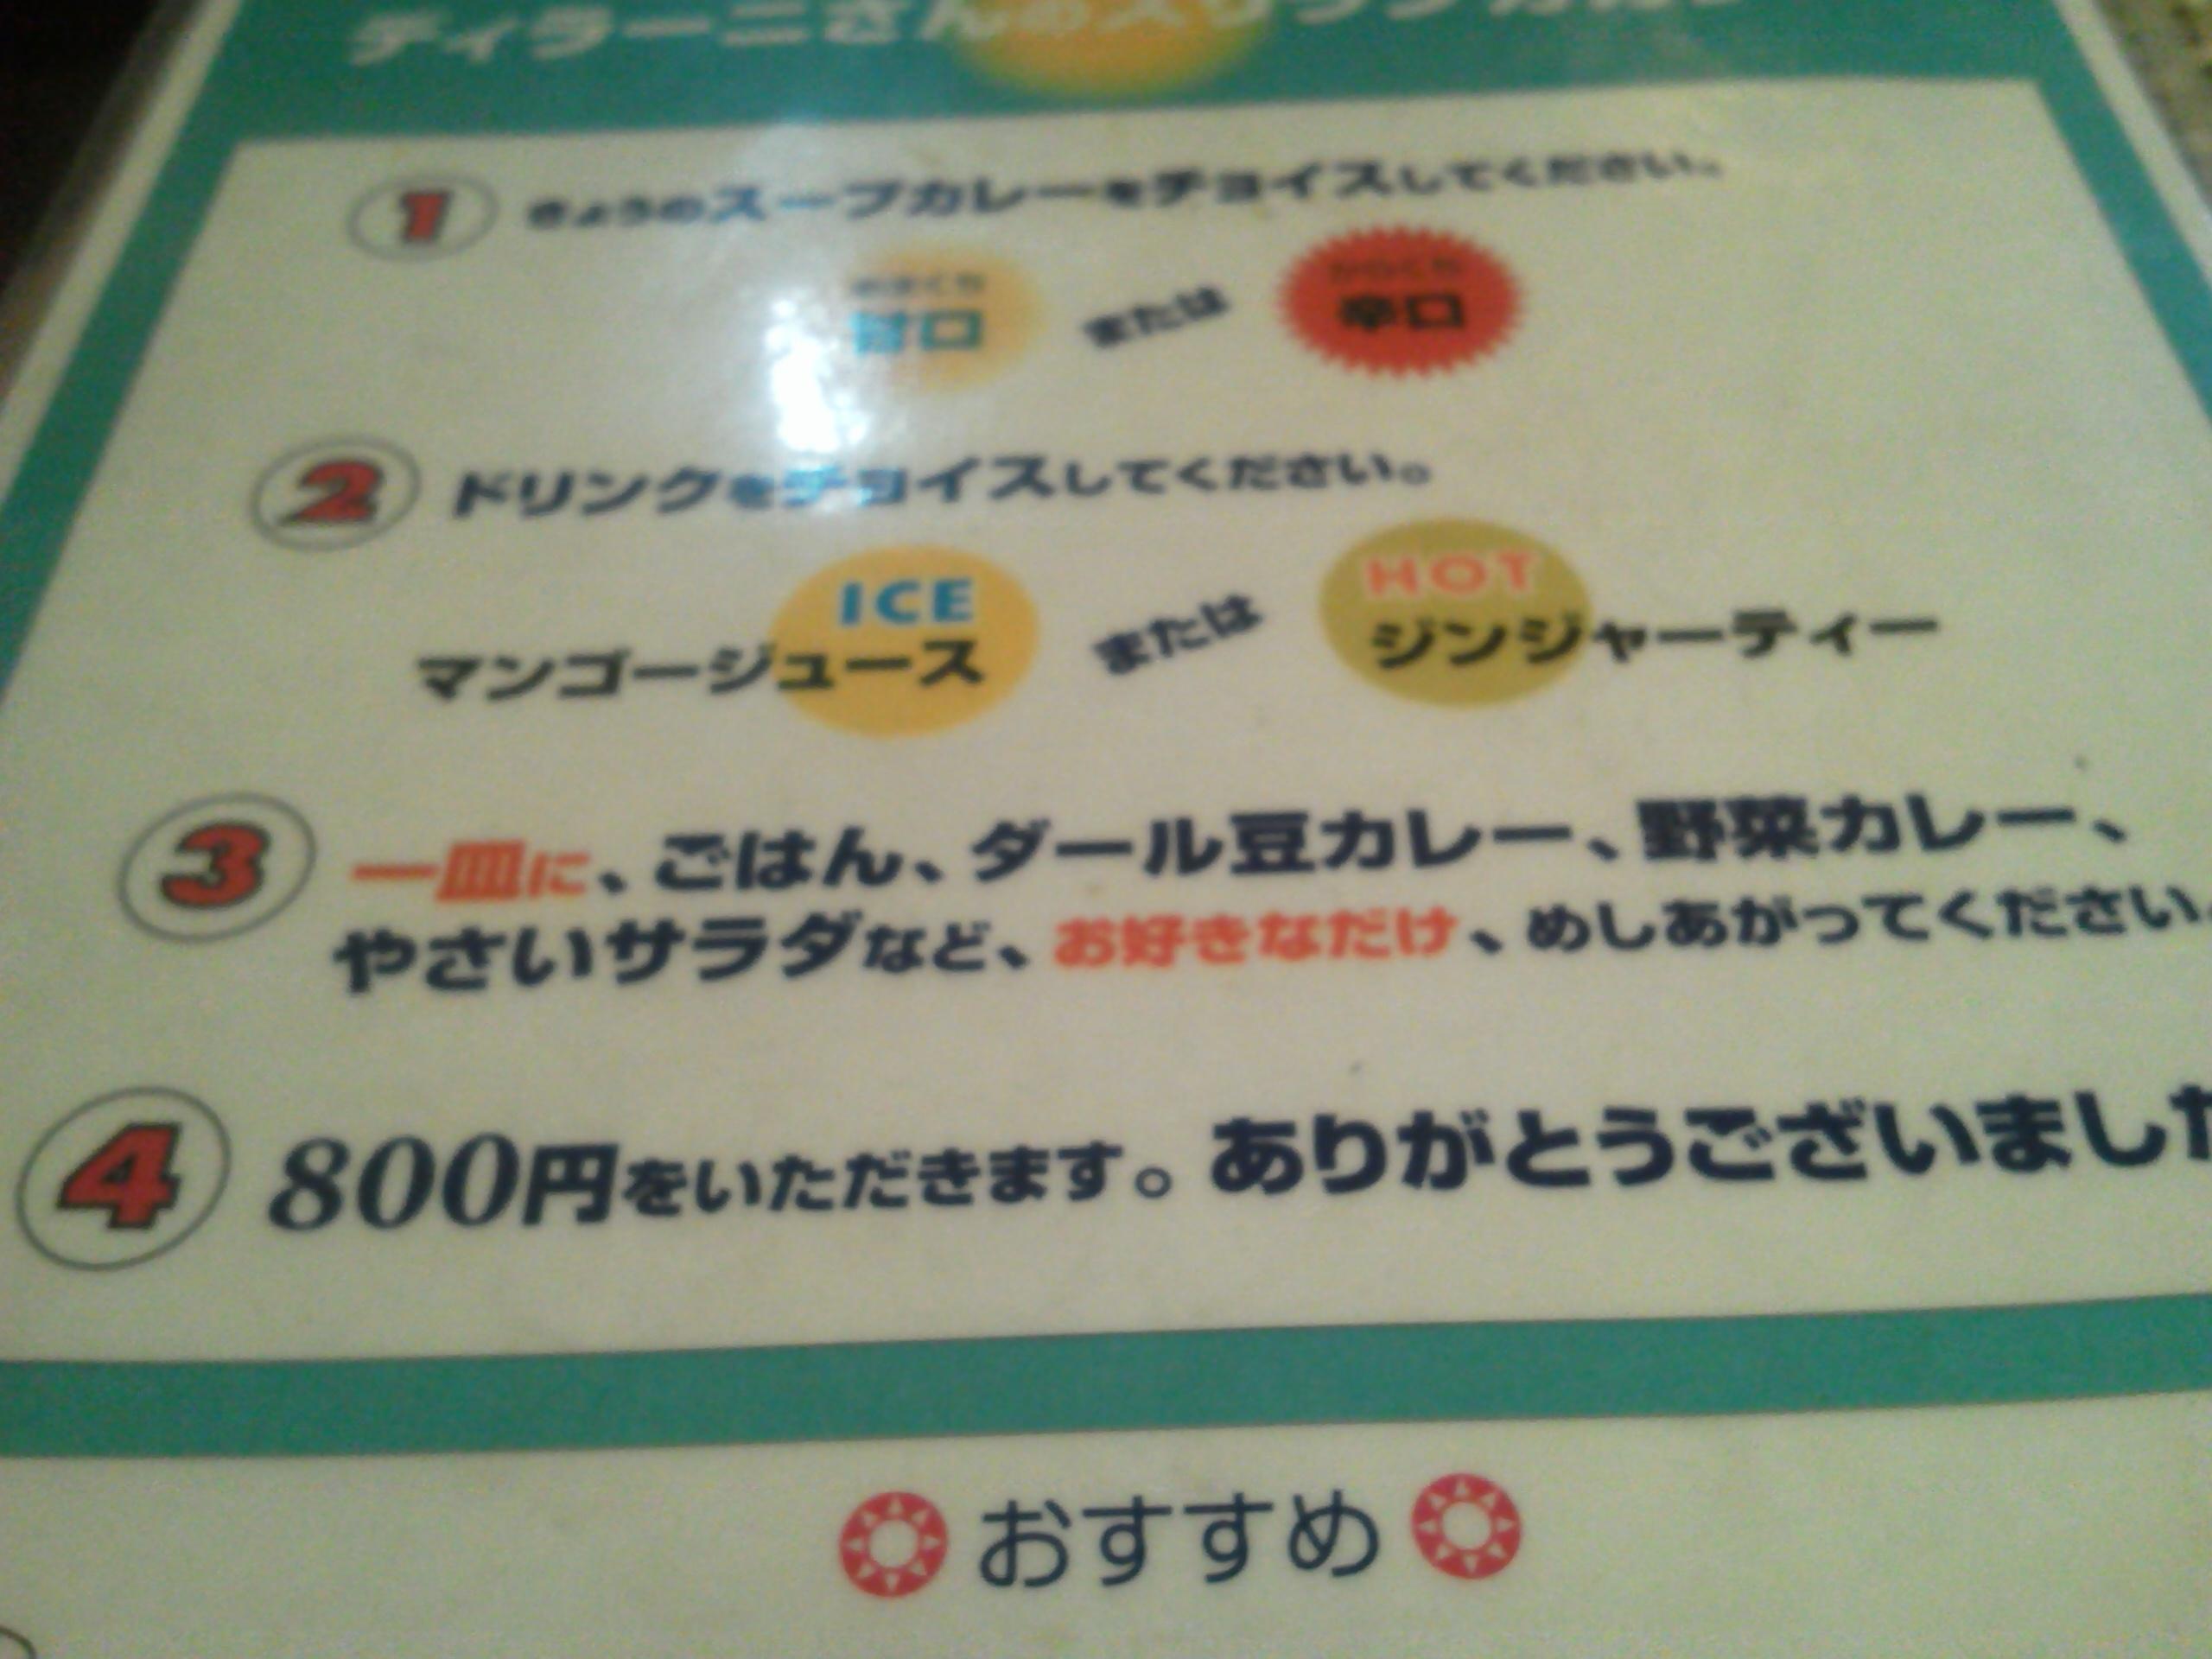 NEC_0426.jpg